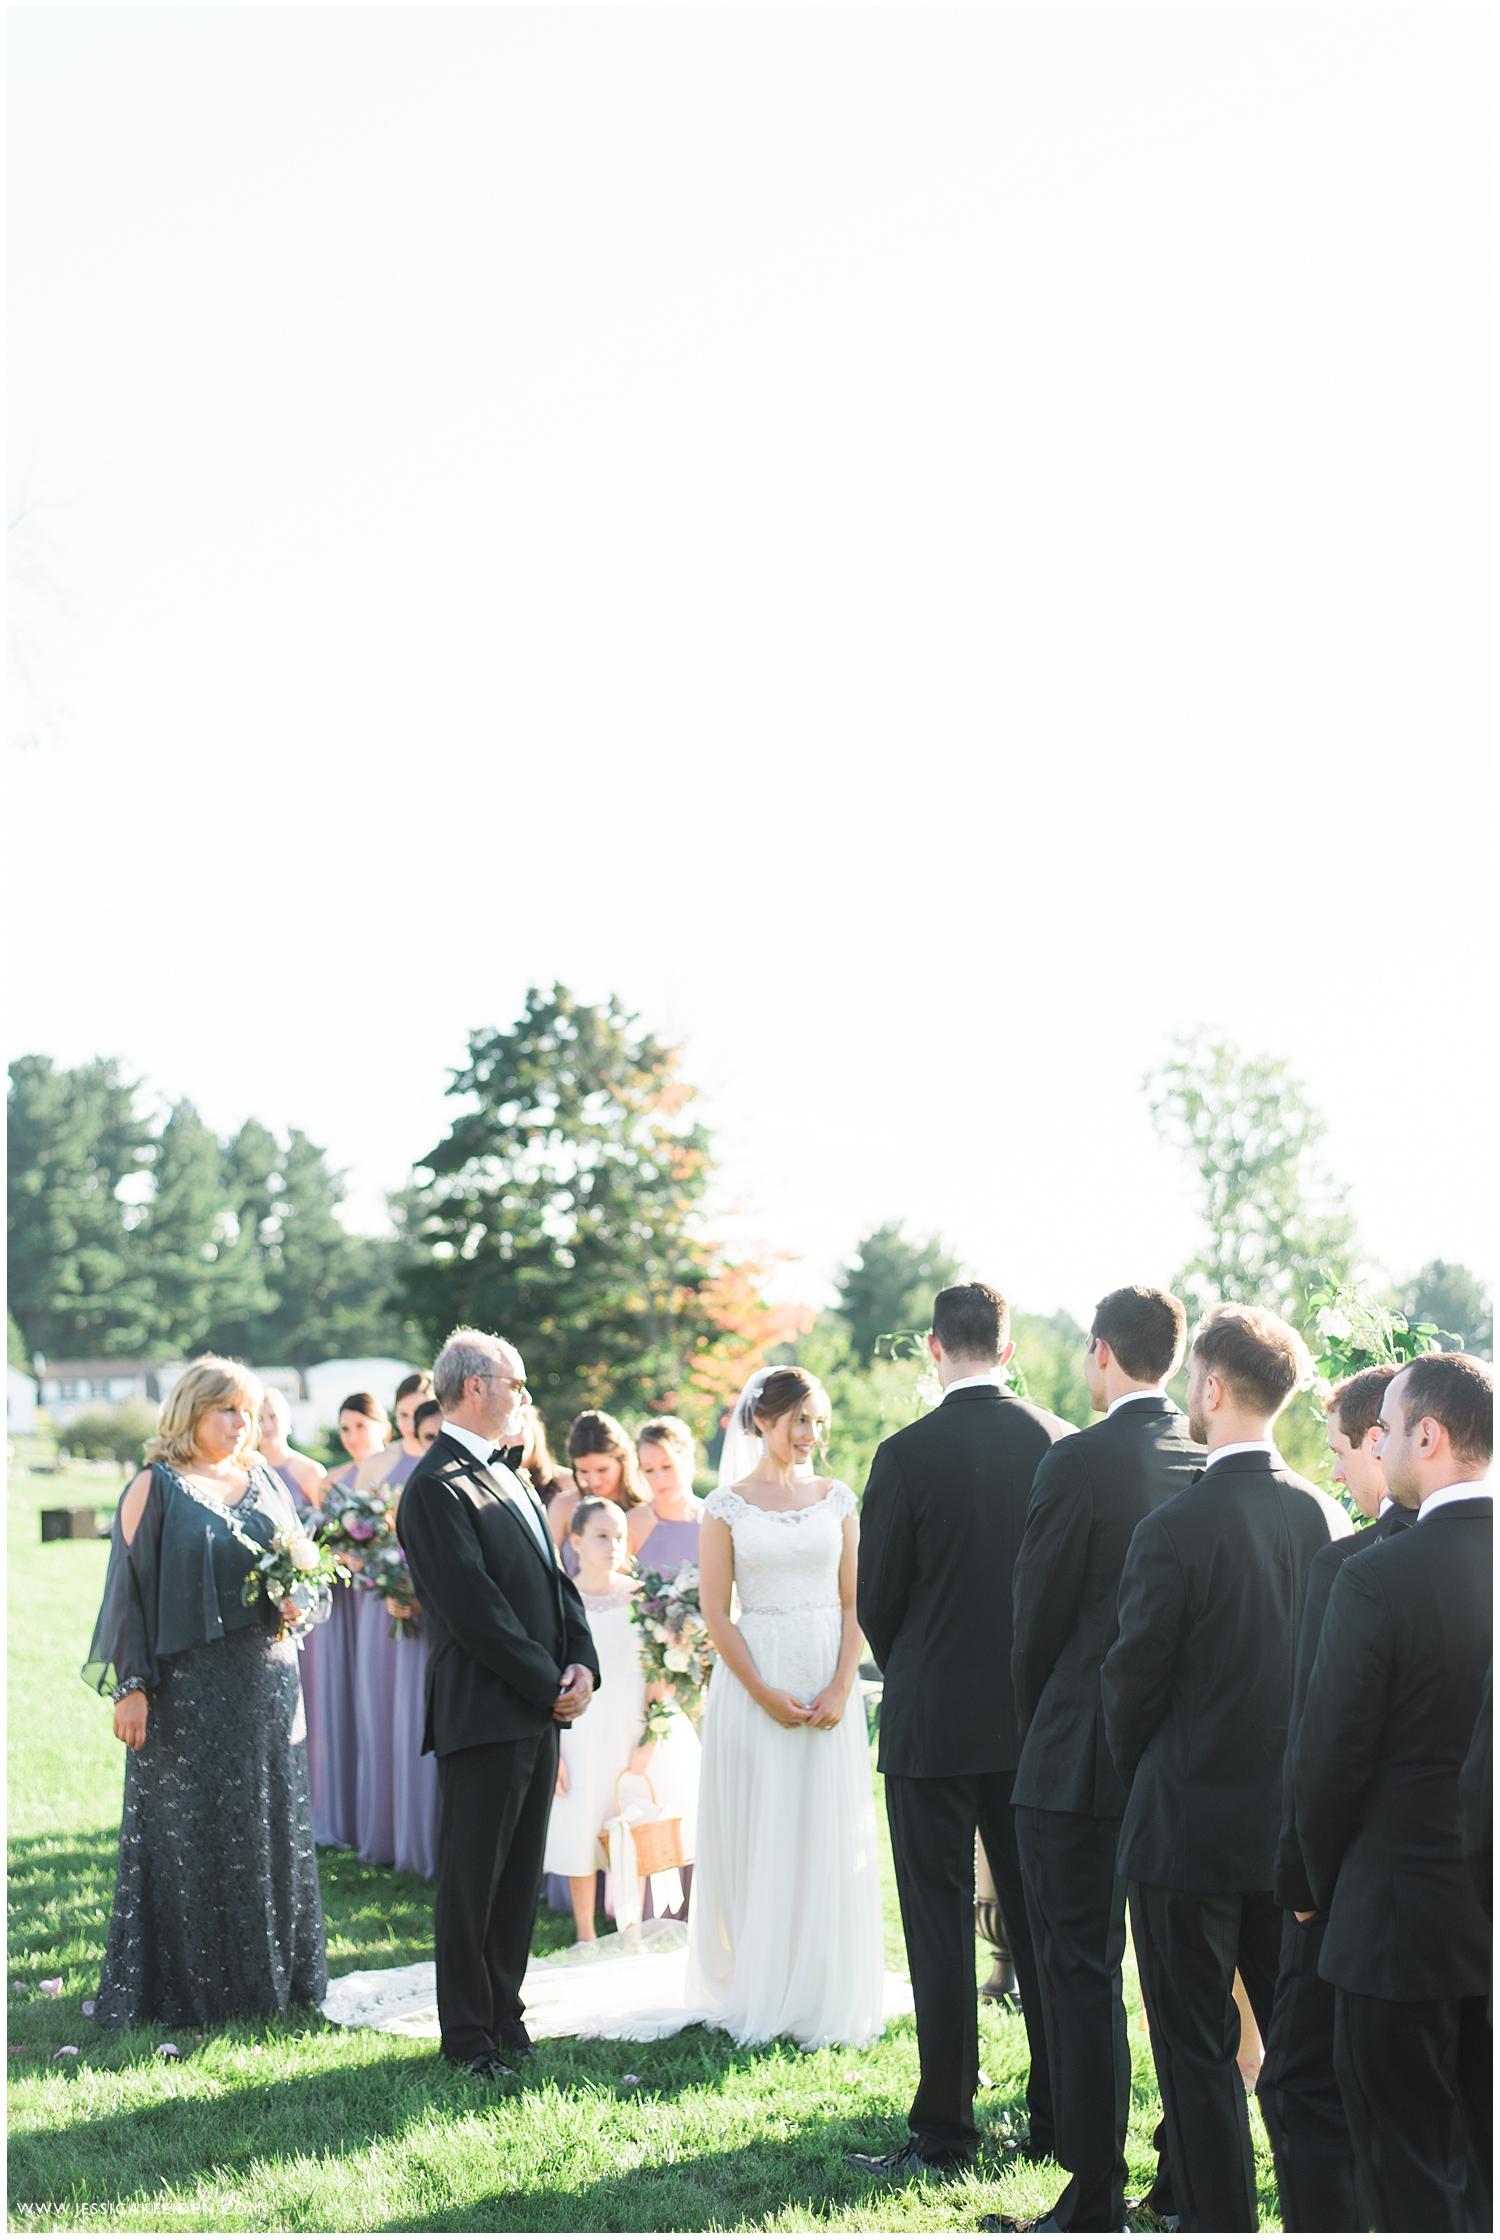 Jessica K Feiden Photography_The Fruitlands Museum Wedding_0039.jpg